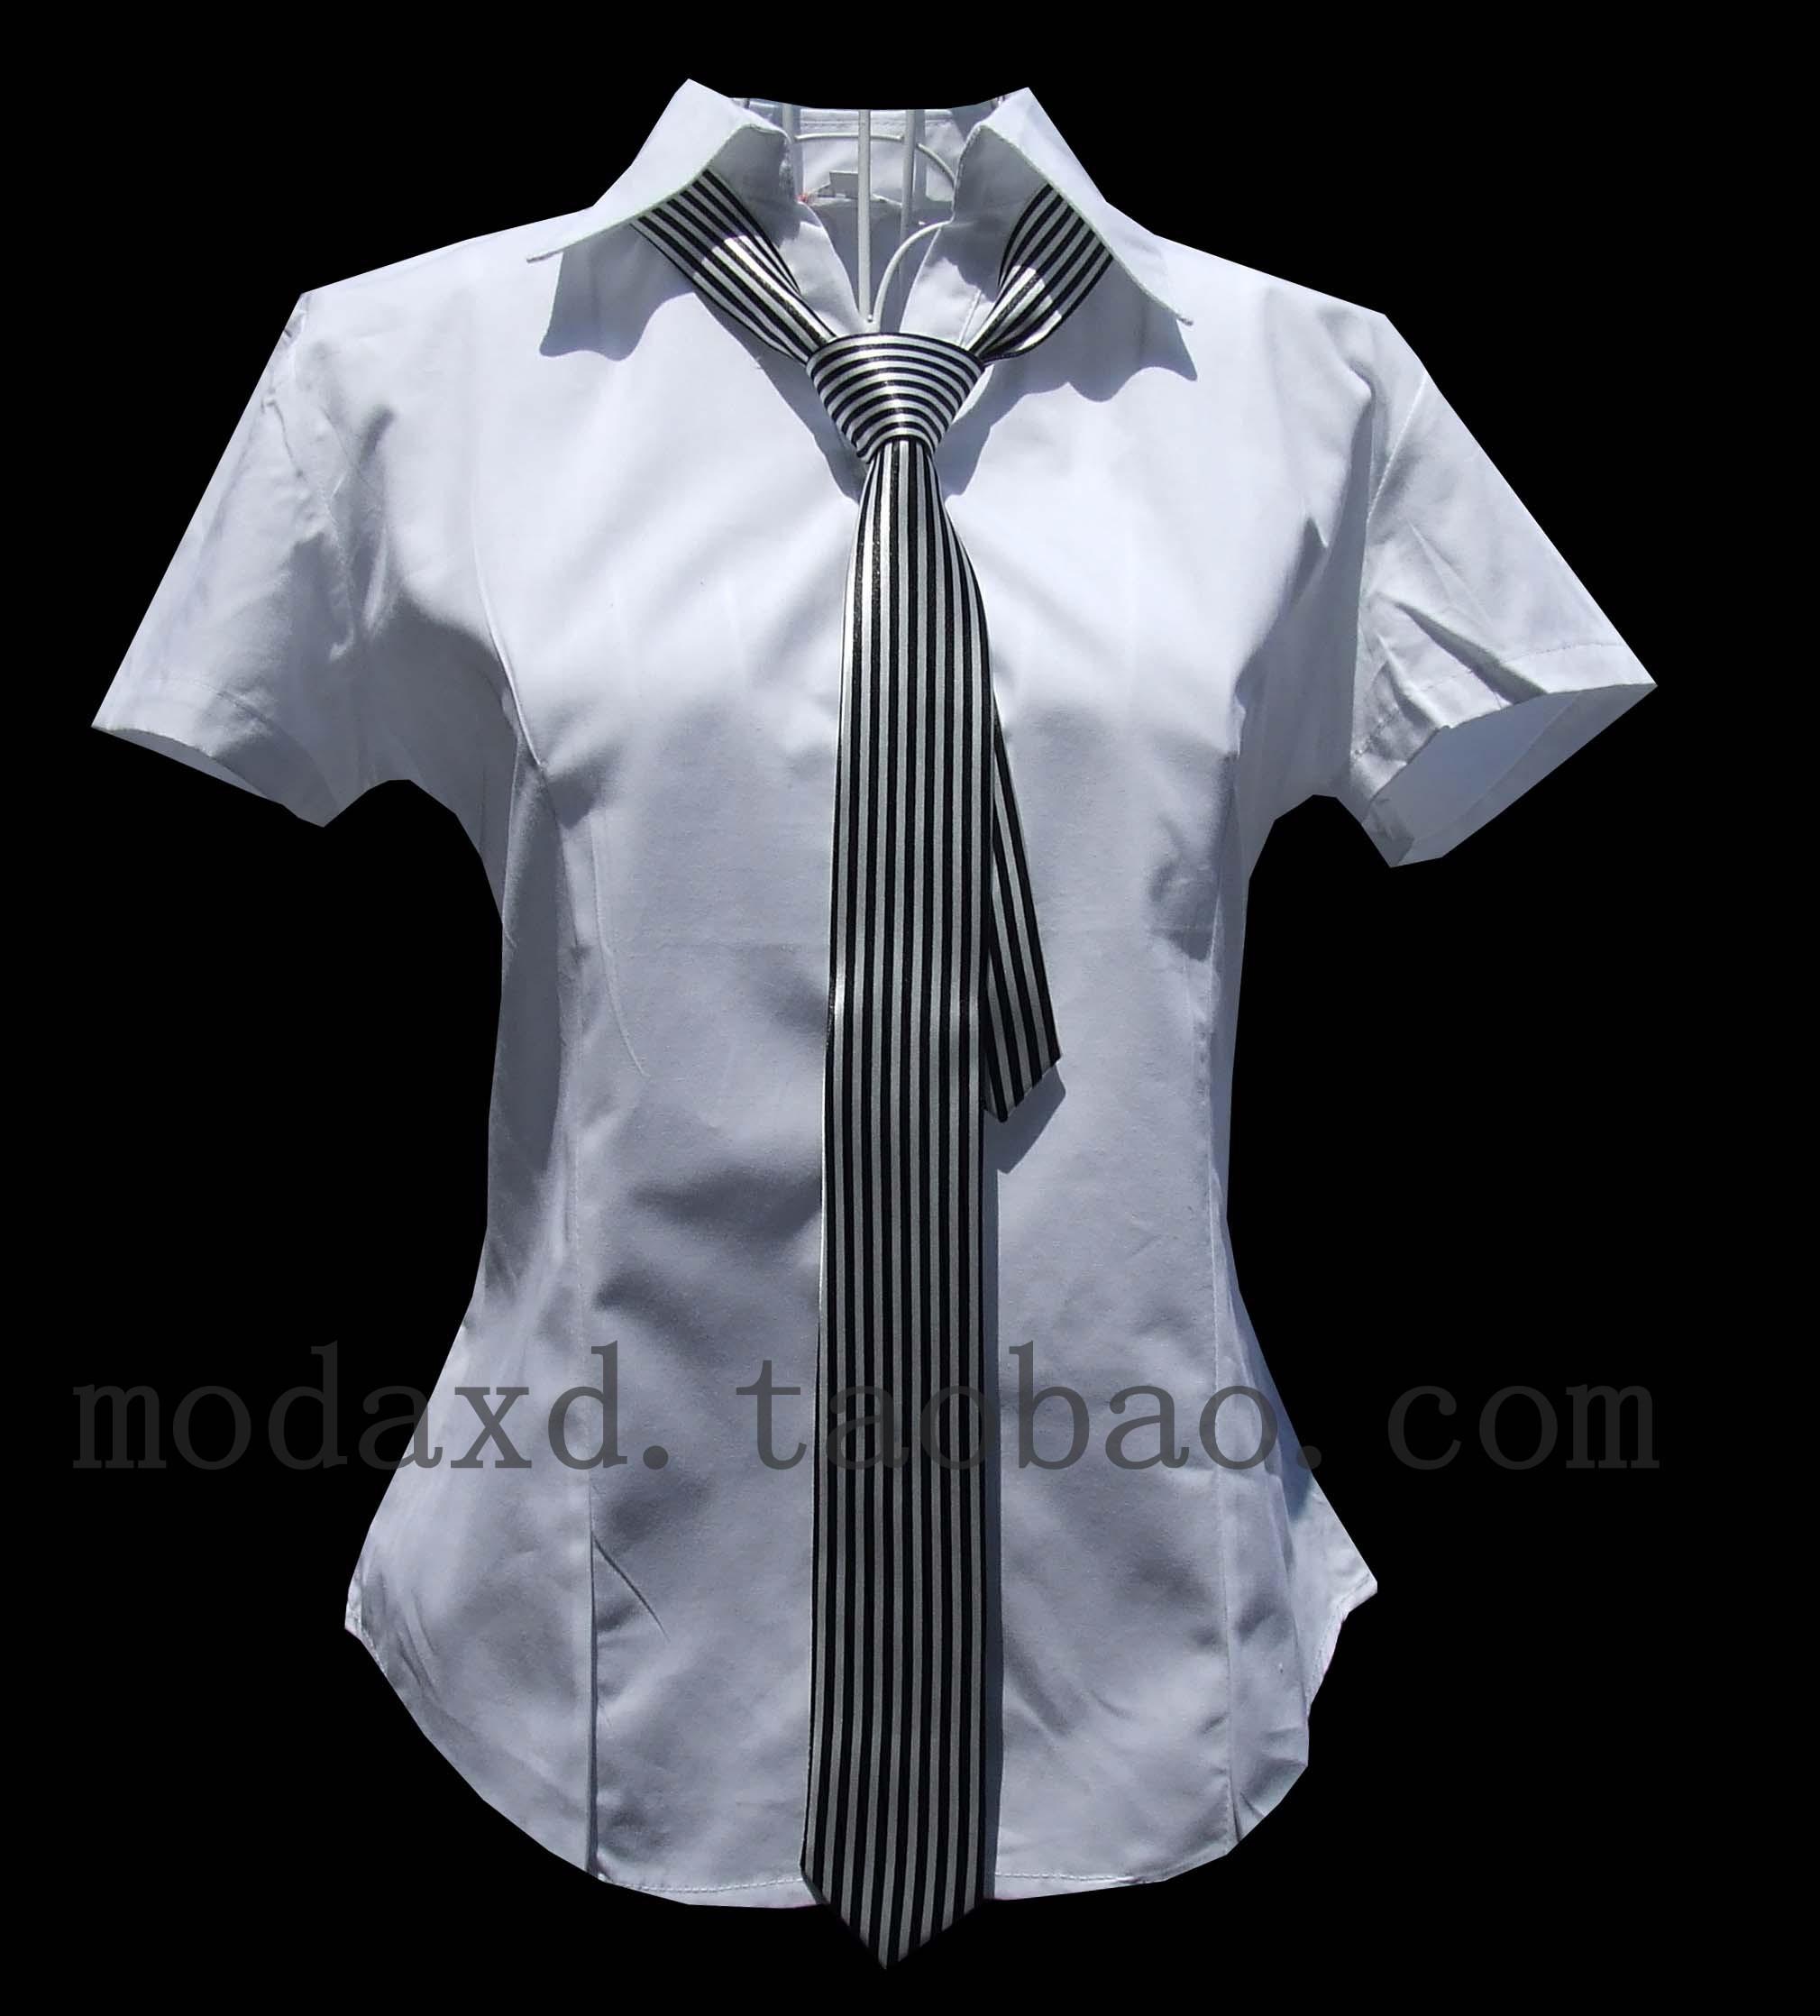 женская рубашка Other 103 Casual Короткий рукав Однотонный цвет V-образный вырез